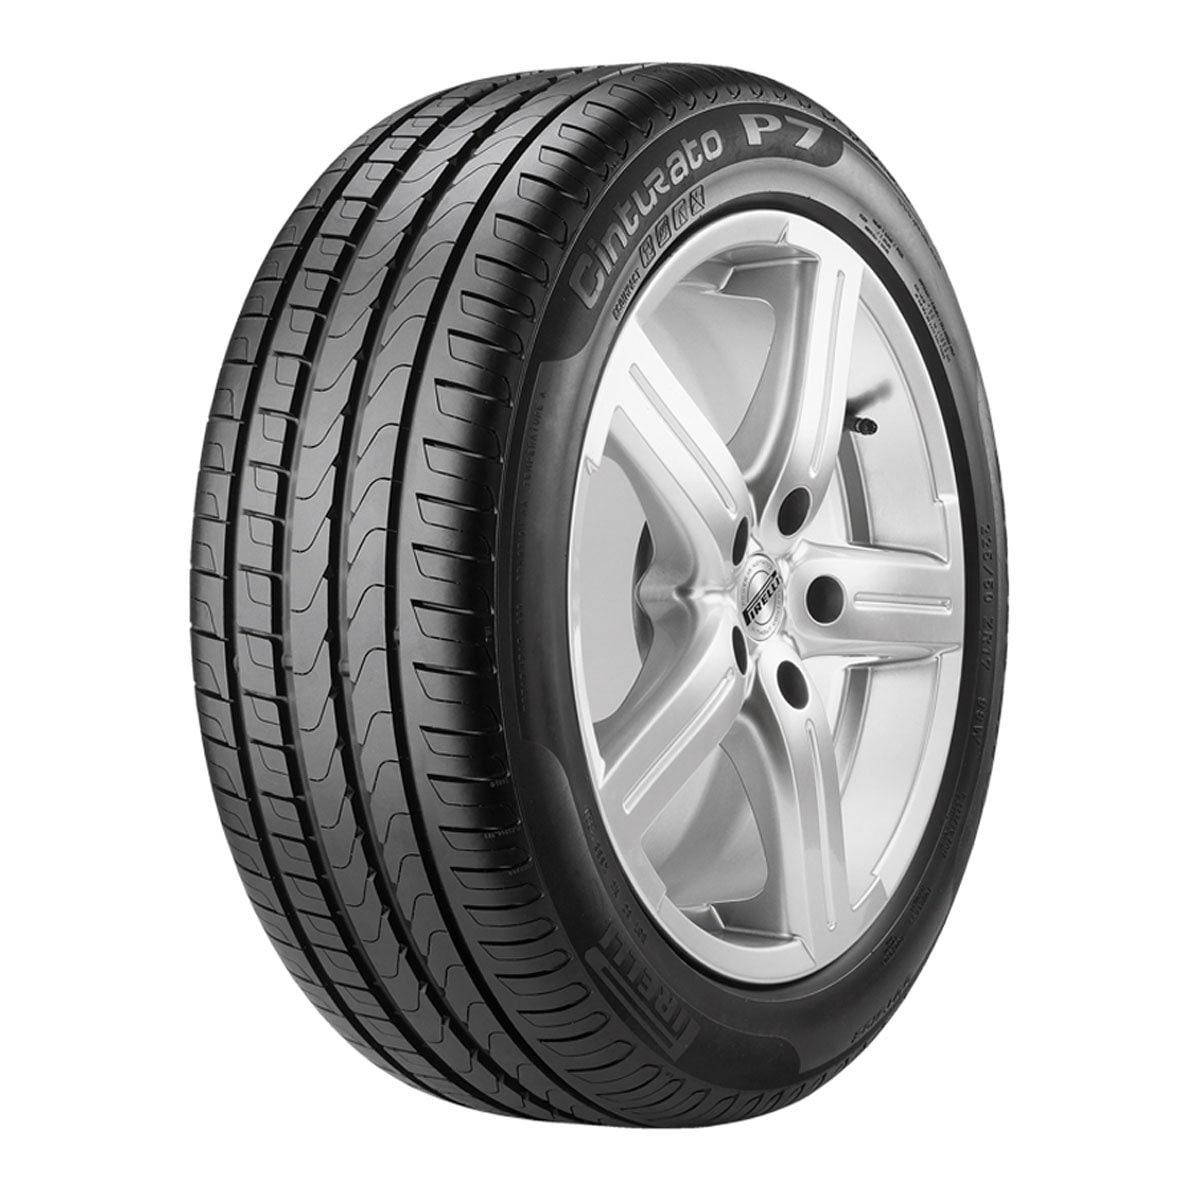 Spllanta 205 50 R17 P7 Cint R-F 89W Pirelli